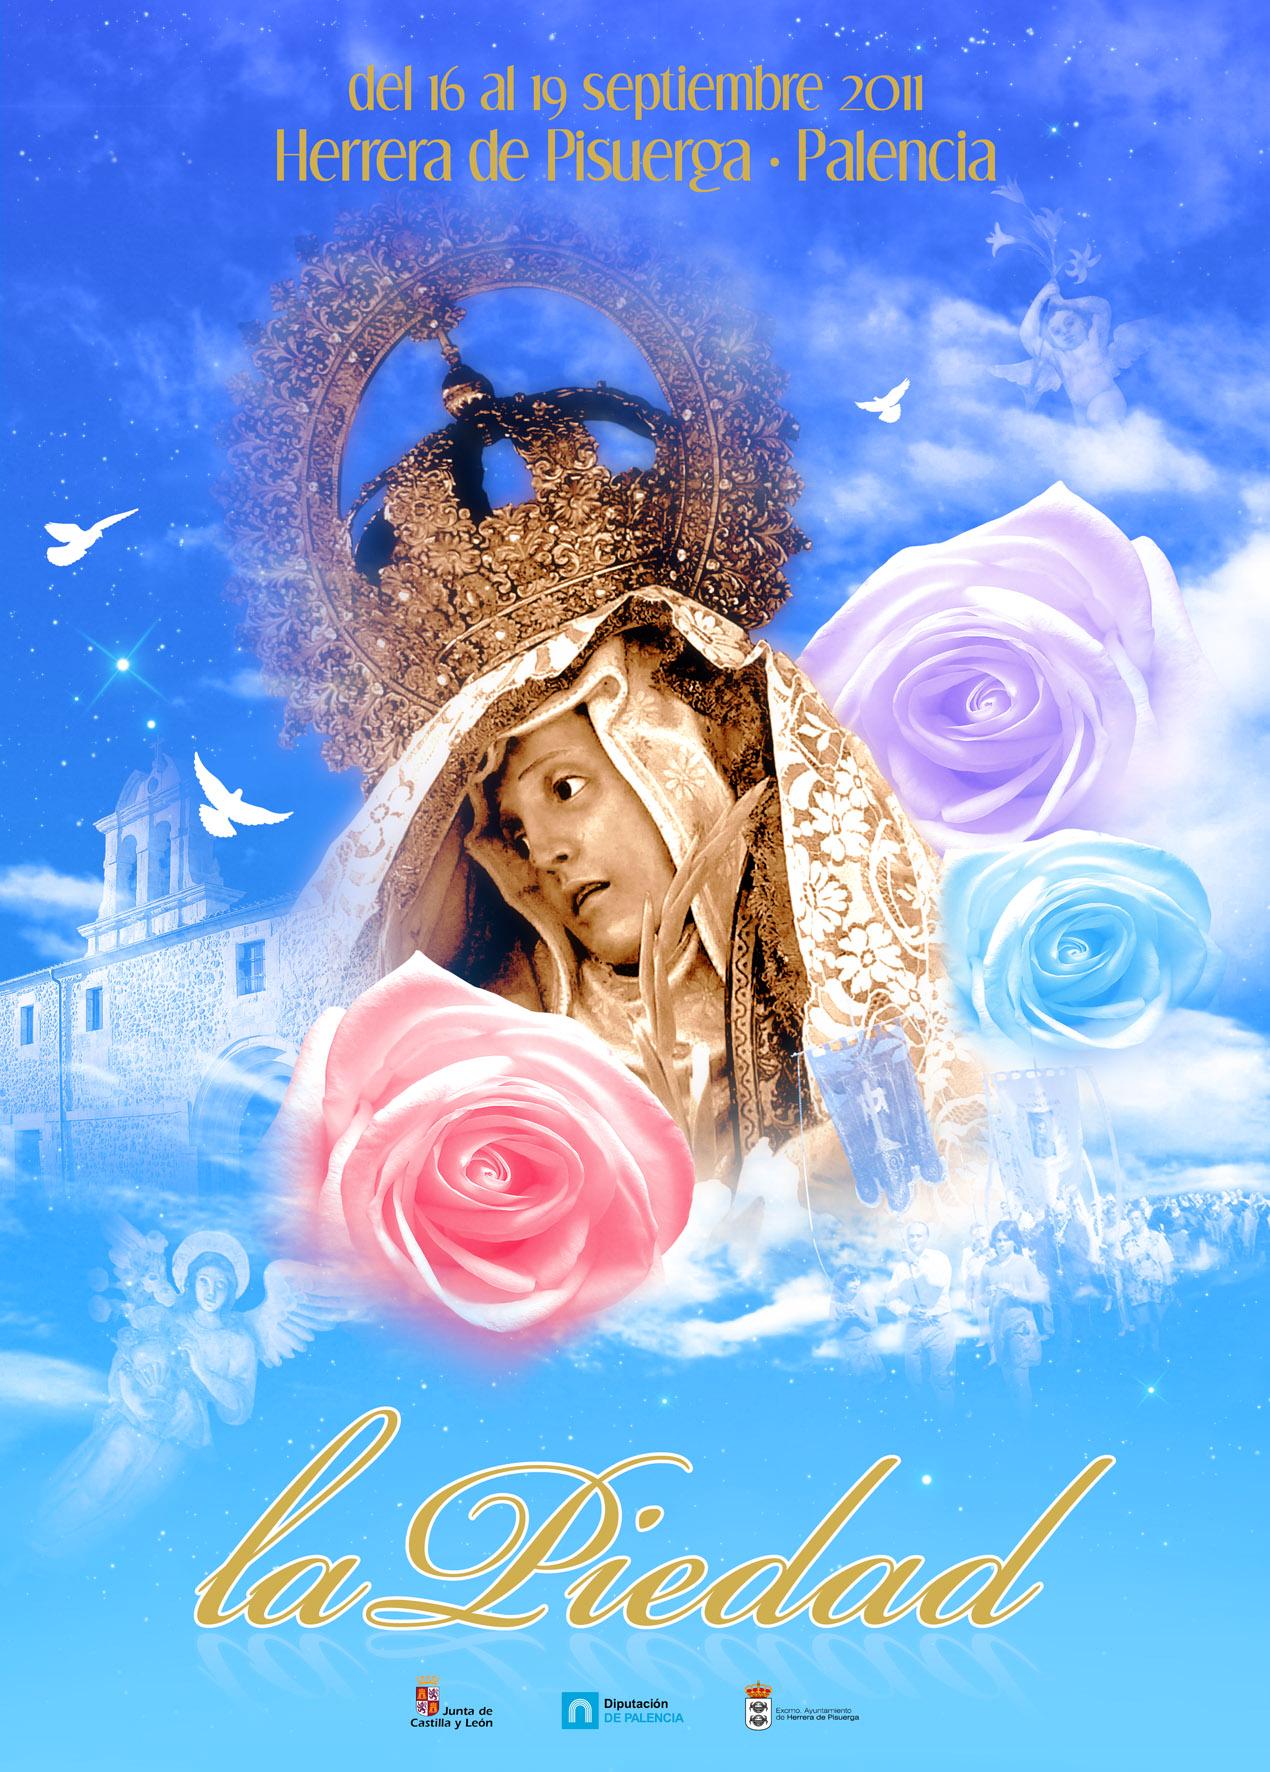 Fiestas Patronales de Nuestra Señora de la Piedad 2011